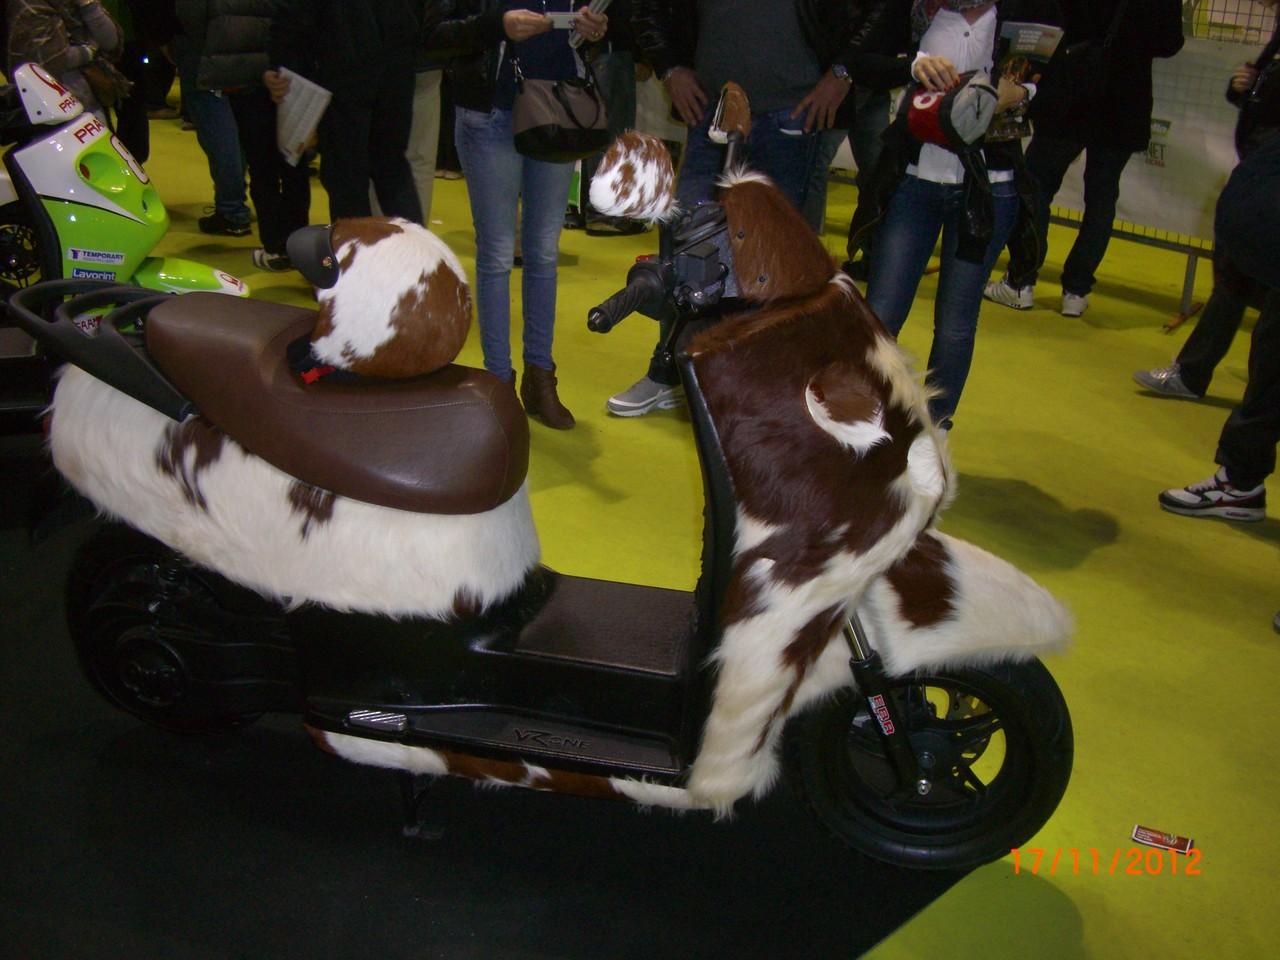 Uno scooter che ha investito una mucca